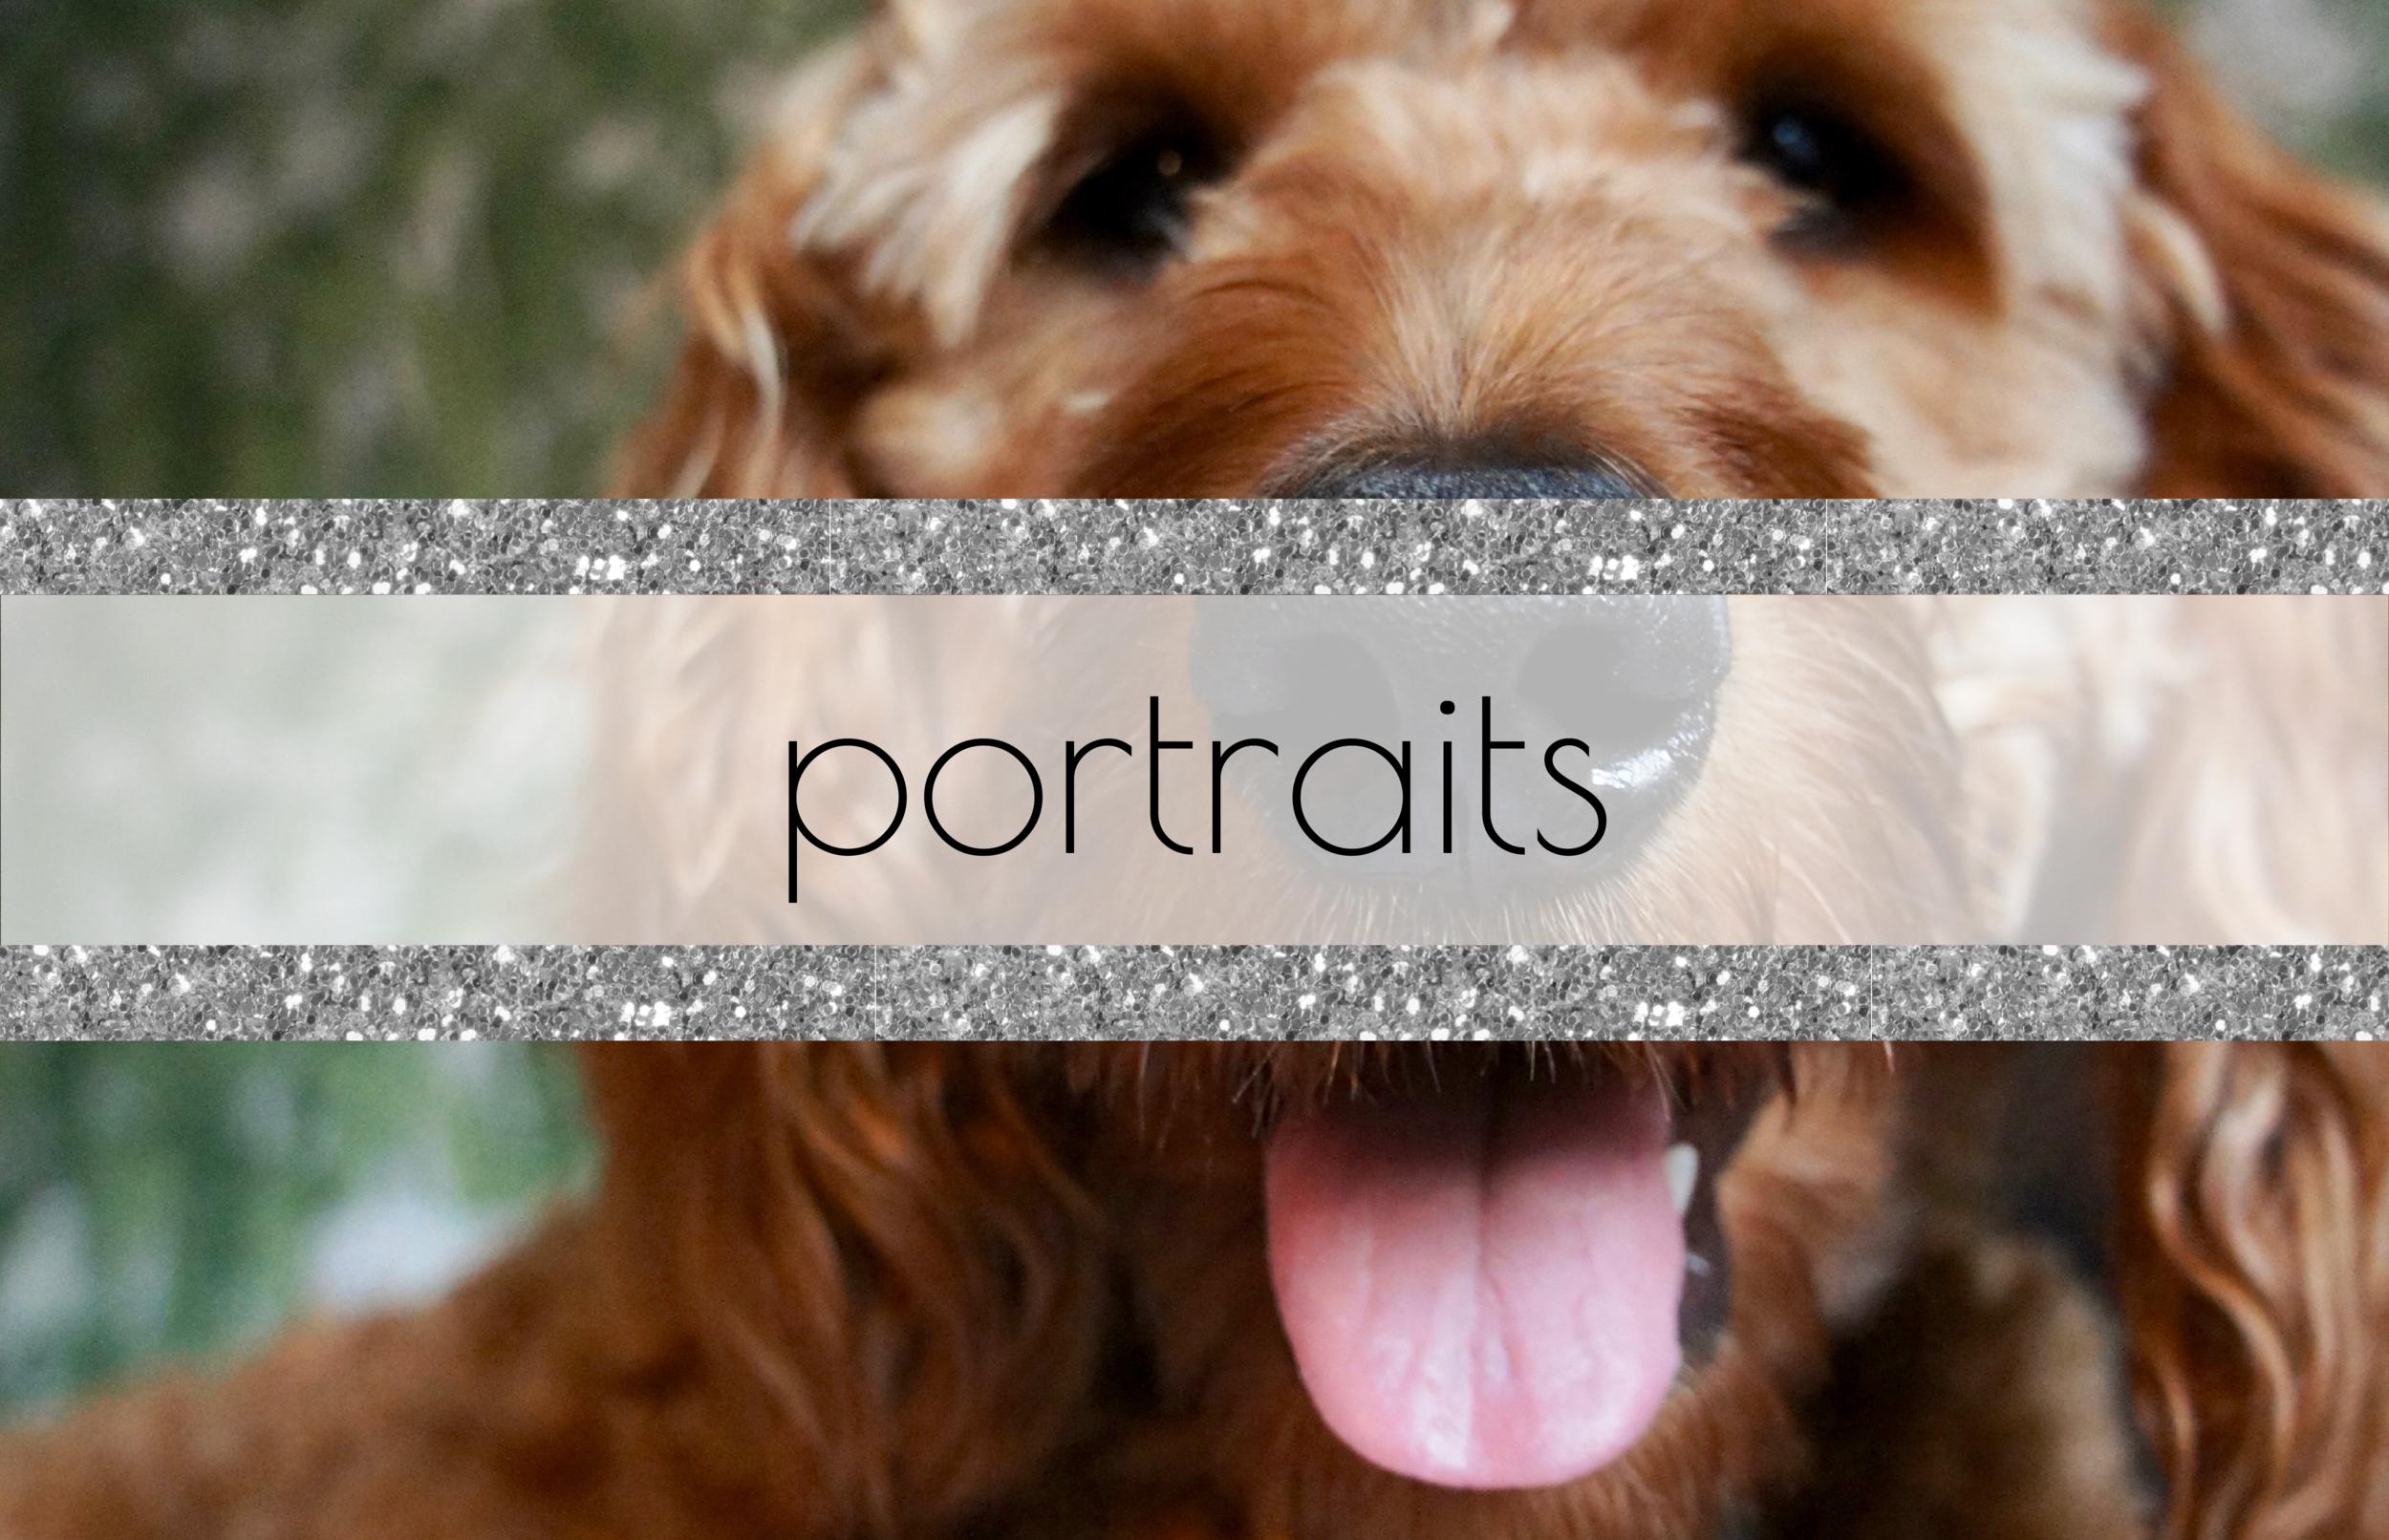 portraits pic-01.png